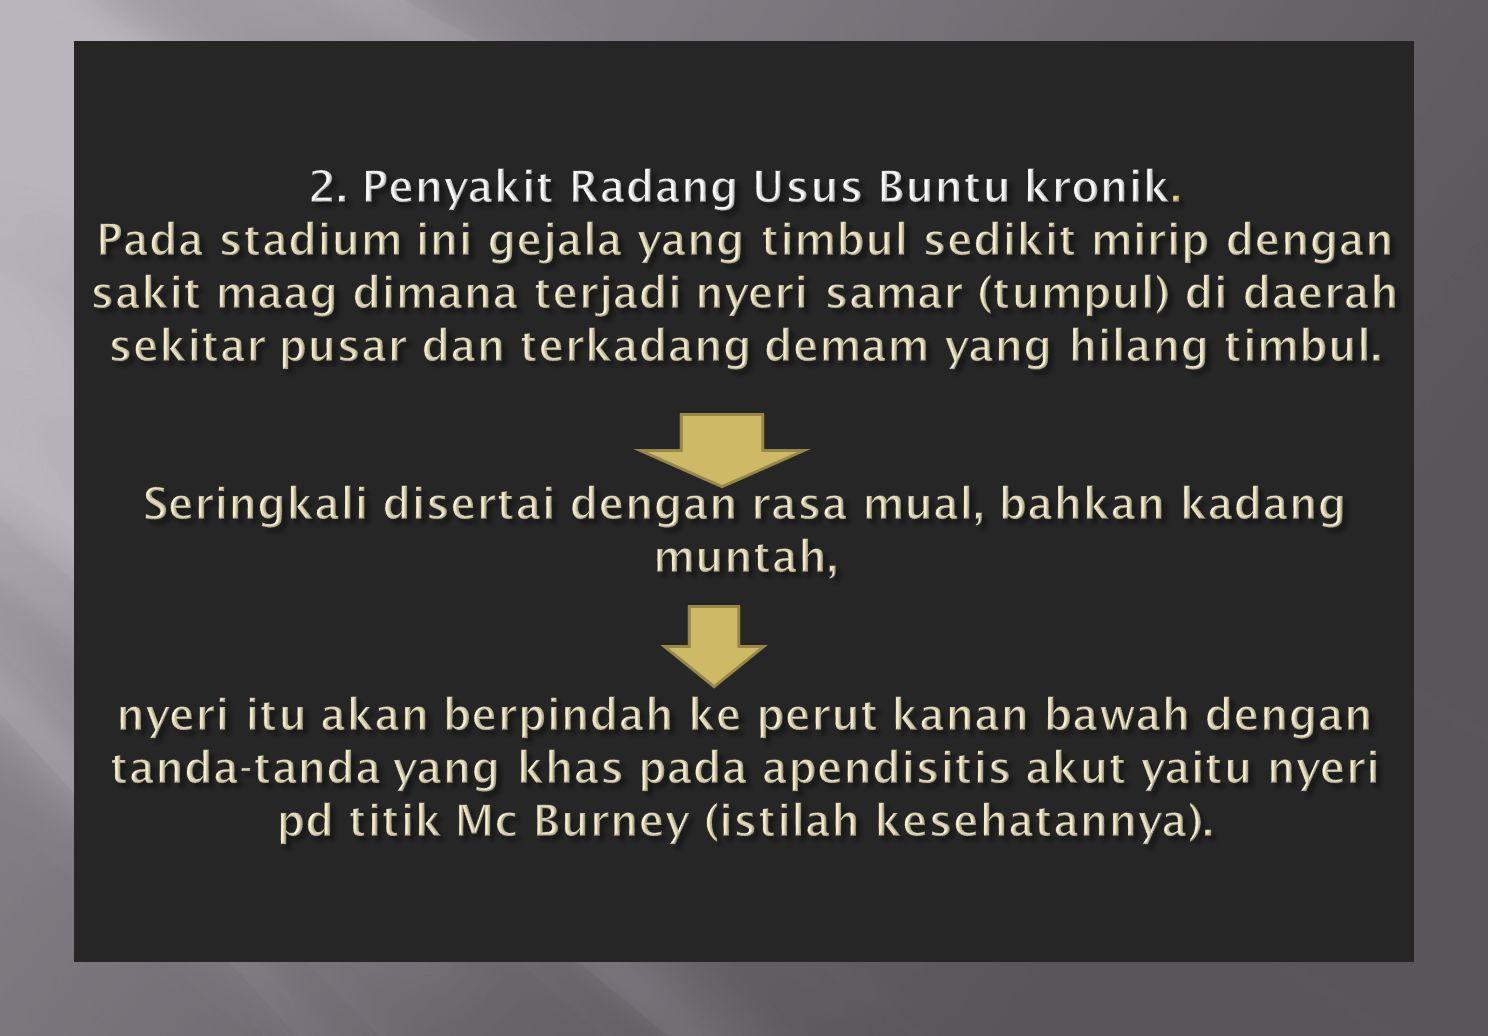 2. Penyakit Radang Usus Buntu kronik